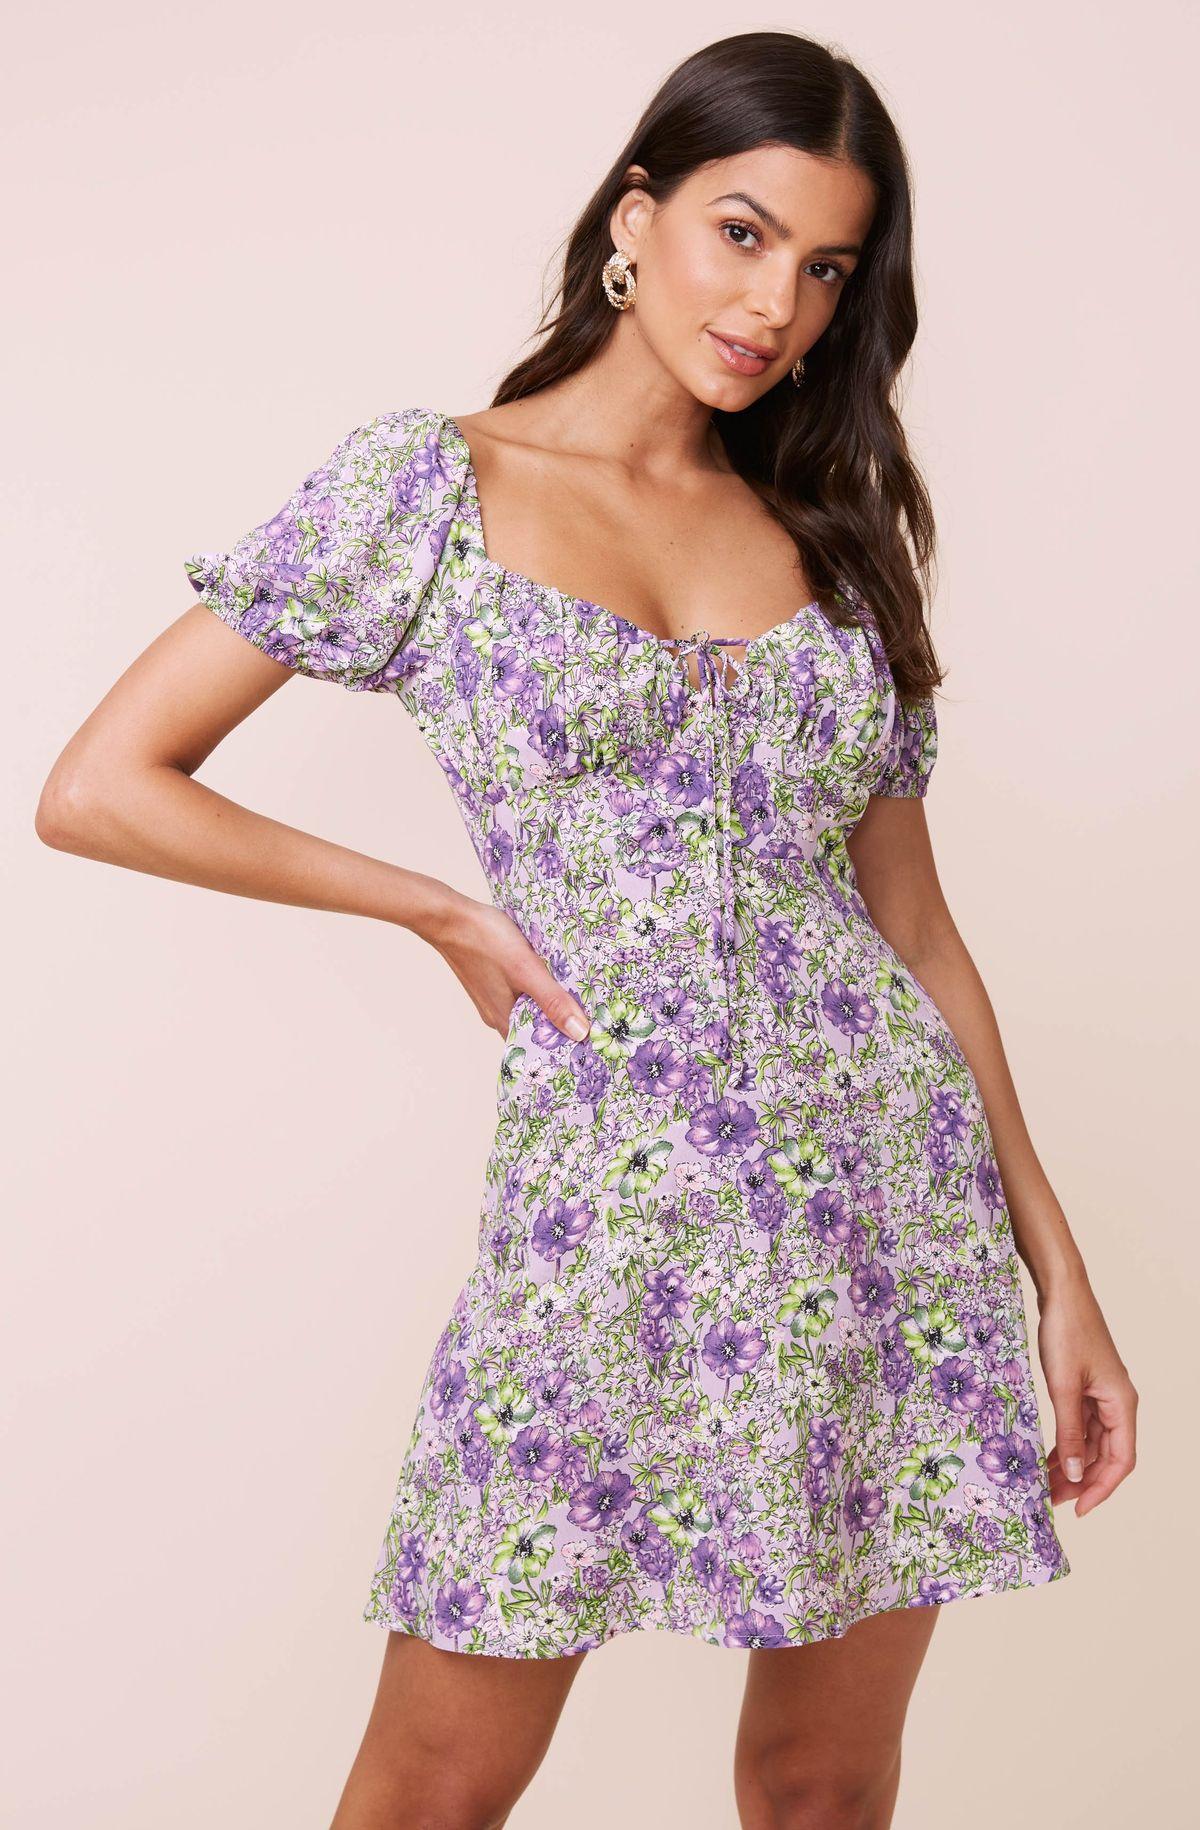 Ti1621110730tld9731321ef4e063ebbee79298fa36f56 In 2021 Mini Dress Floral Short Dress Casual Purple Dress Outfits [ 1830 x 1200 Pixel ]